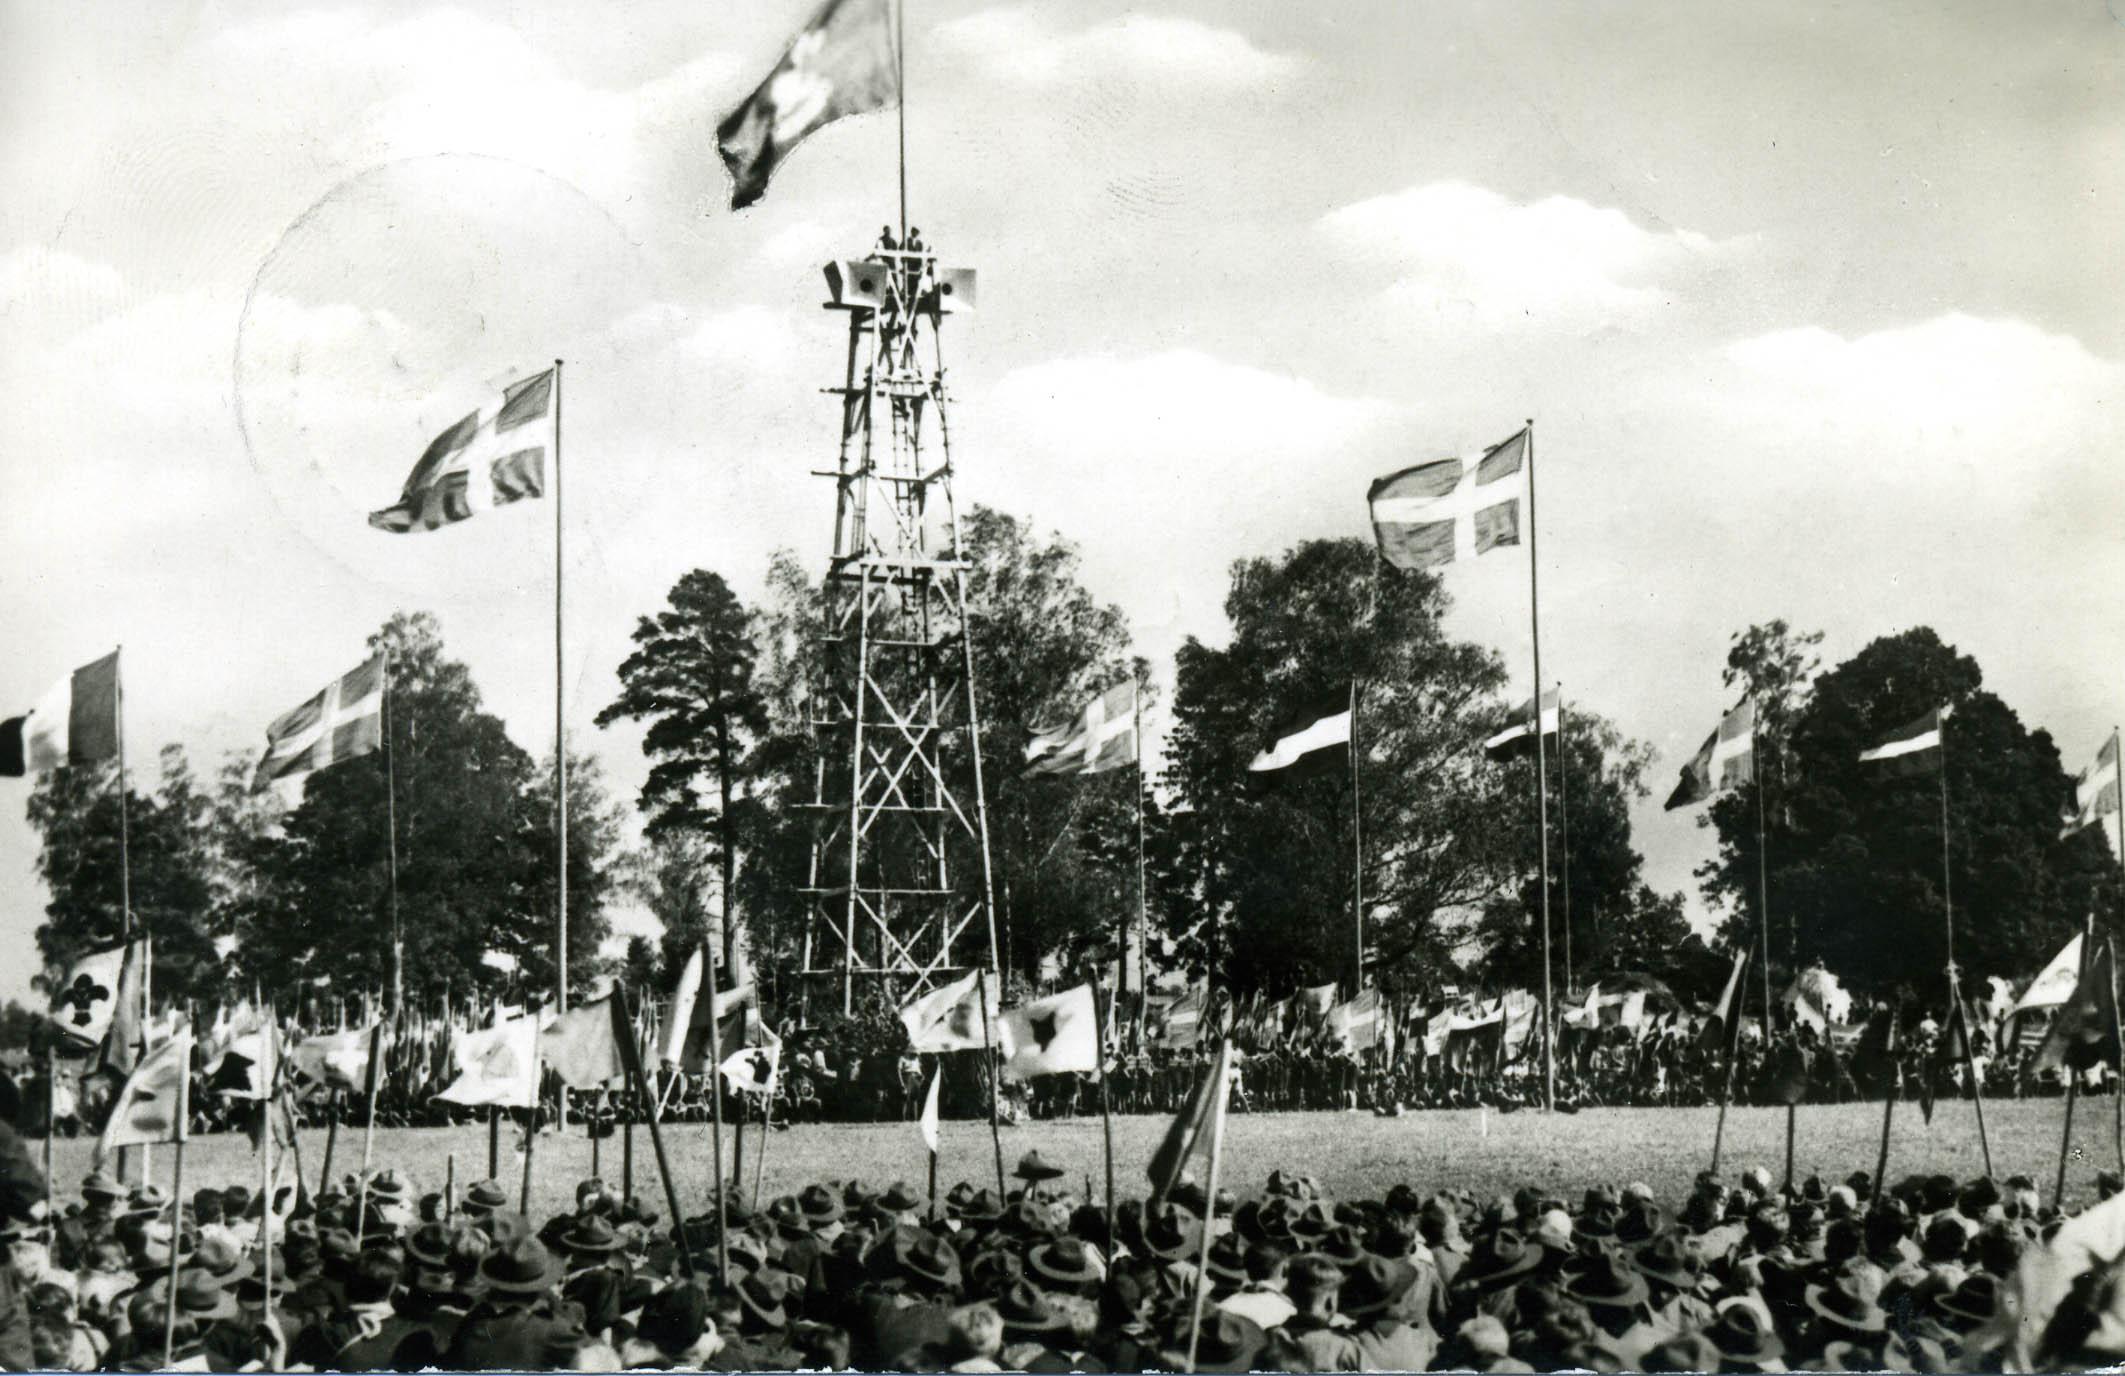 2056_Tullgarnsjamboreen 1938